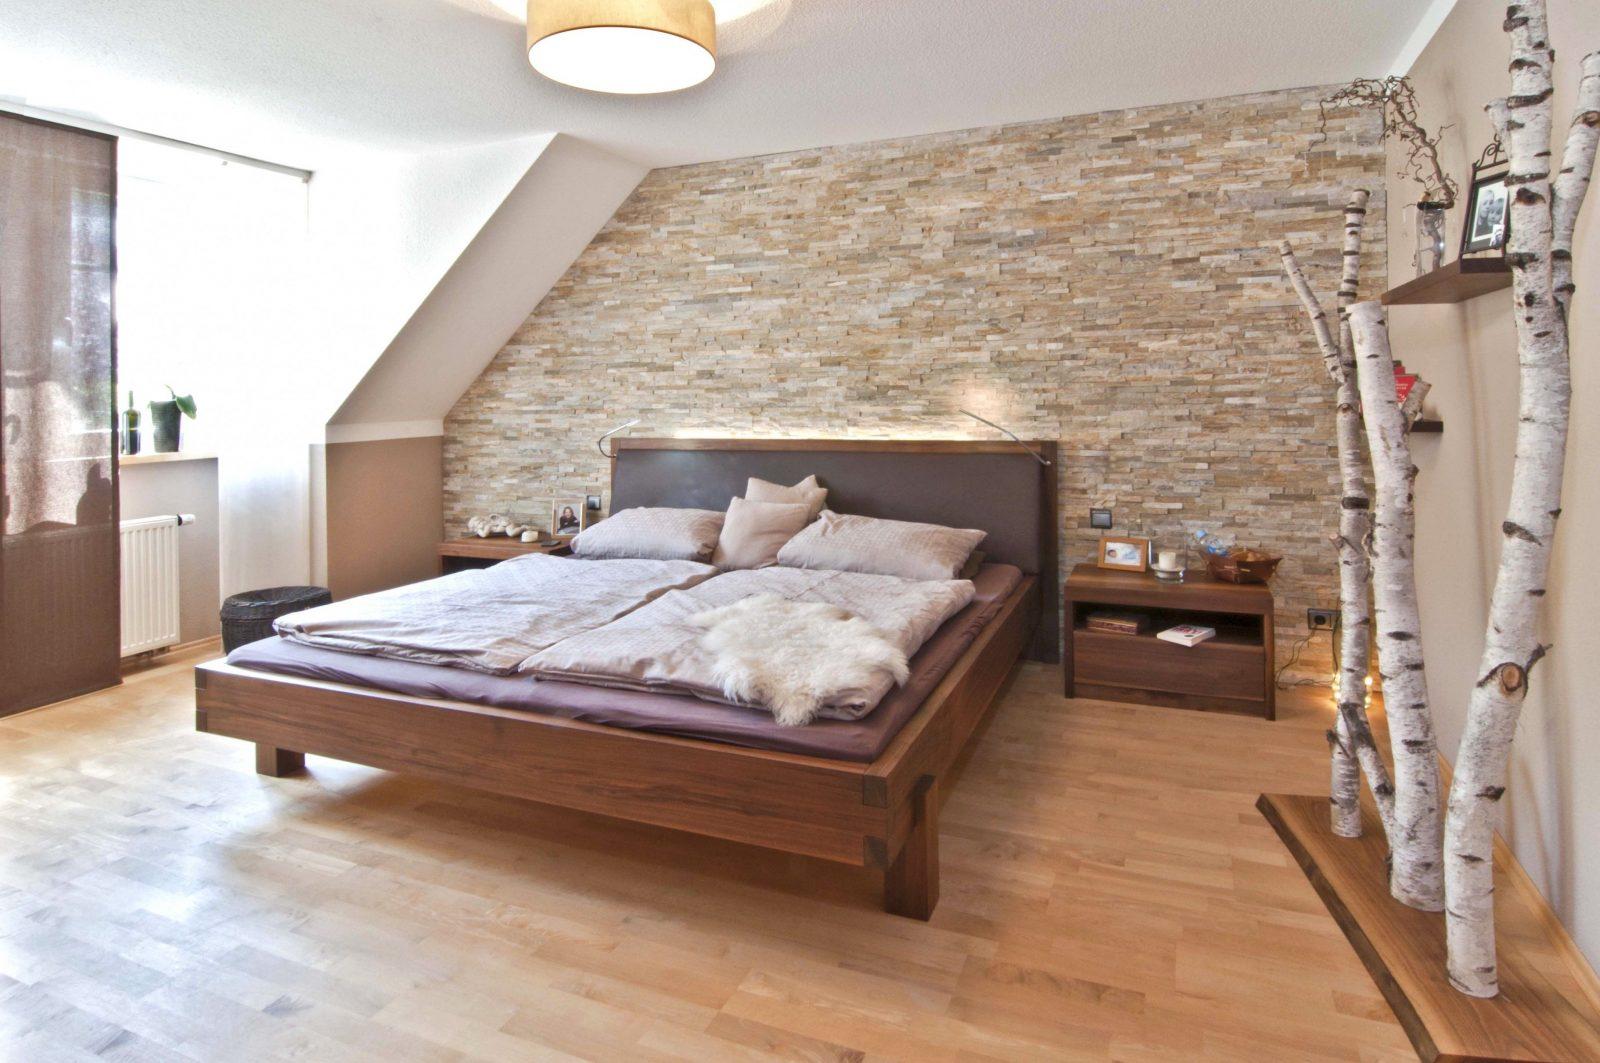 15 Schlafzimmer Deko Basteln Bilder Schlafzimmer Bett Holz Avec